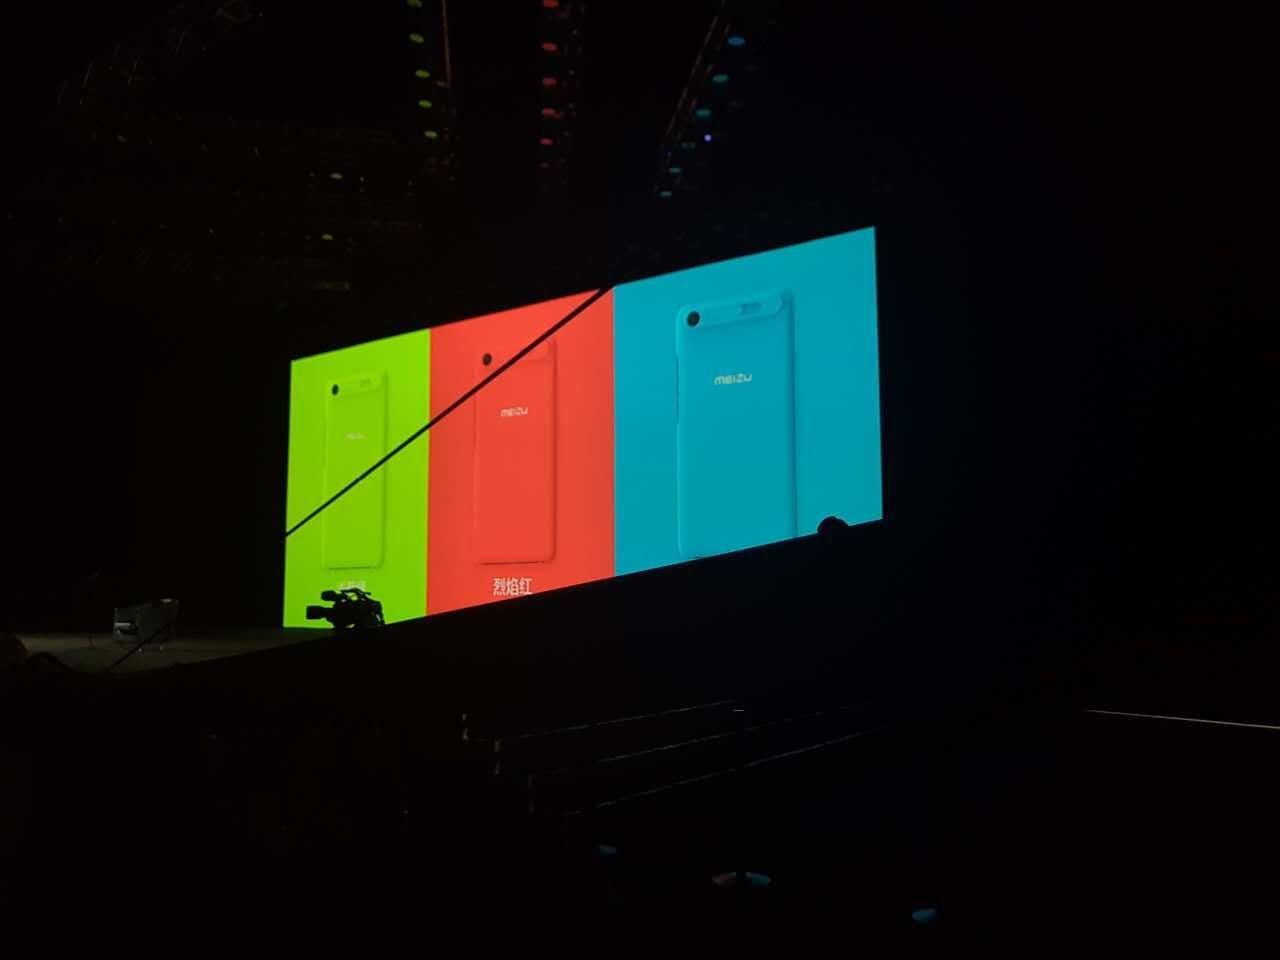 魅藍E2(Meizu M2 E)の製品発表会のリハーサル中に盗撮され、専用ケースの存在がリーク